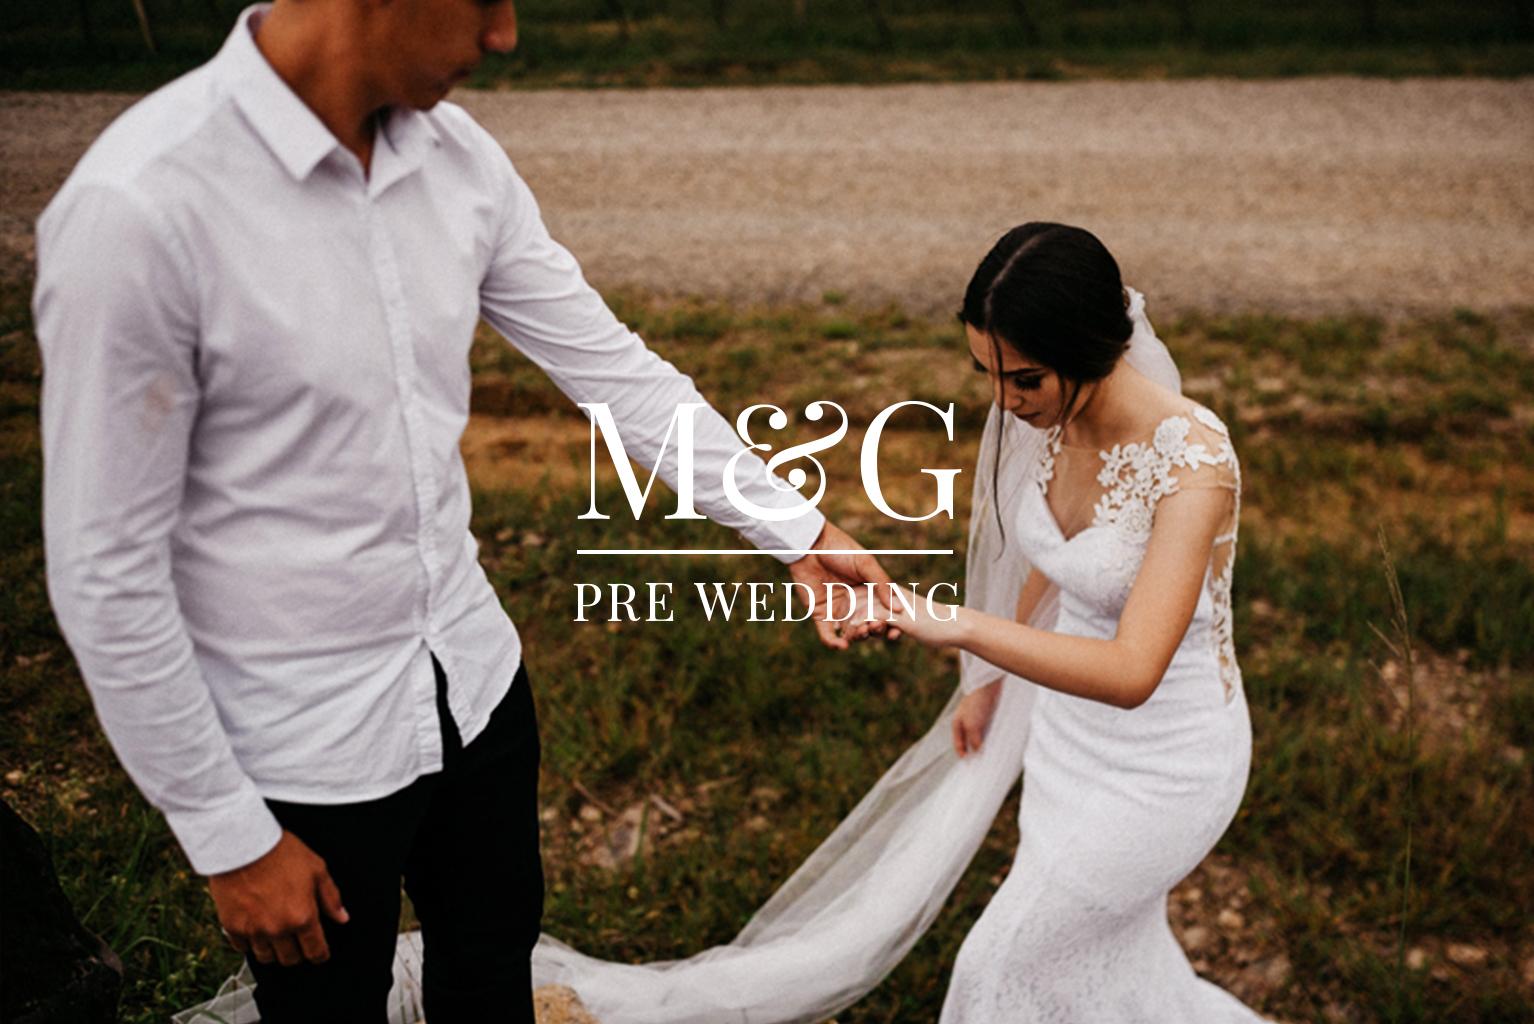 Milena & Gabriel | Pre Wedding |